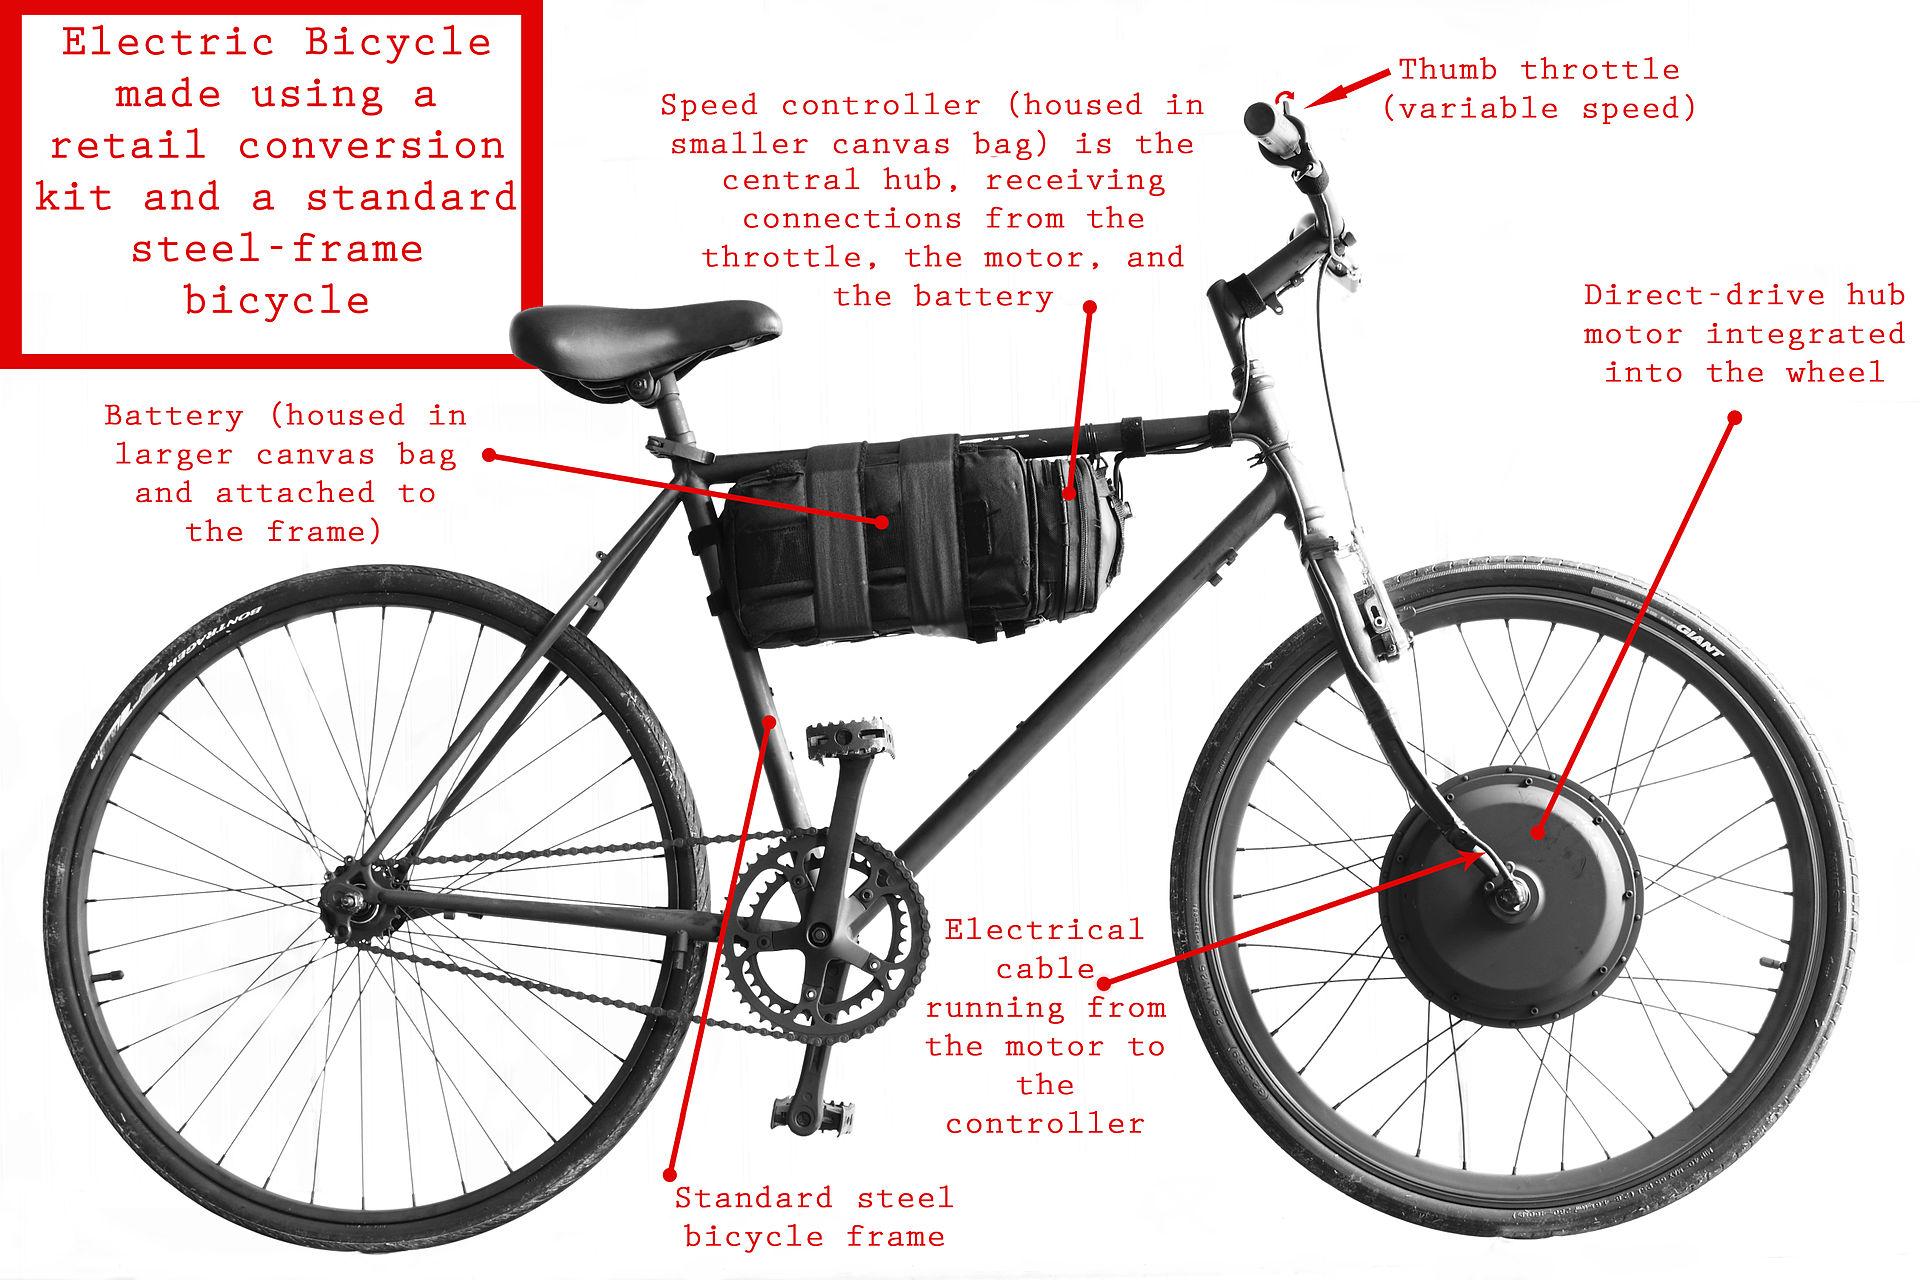 ab311c2fac007 Cómo funciona el motor de una bicicleta eléctrica  - Cables y ...